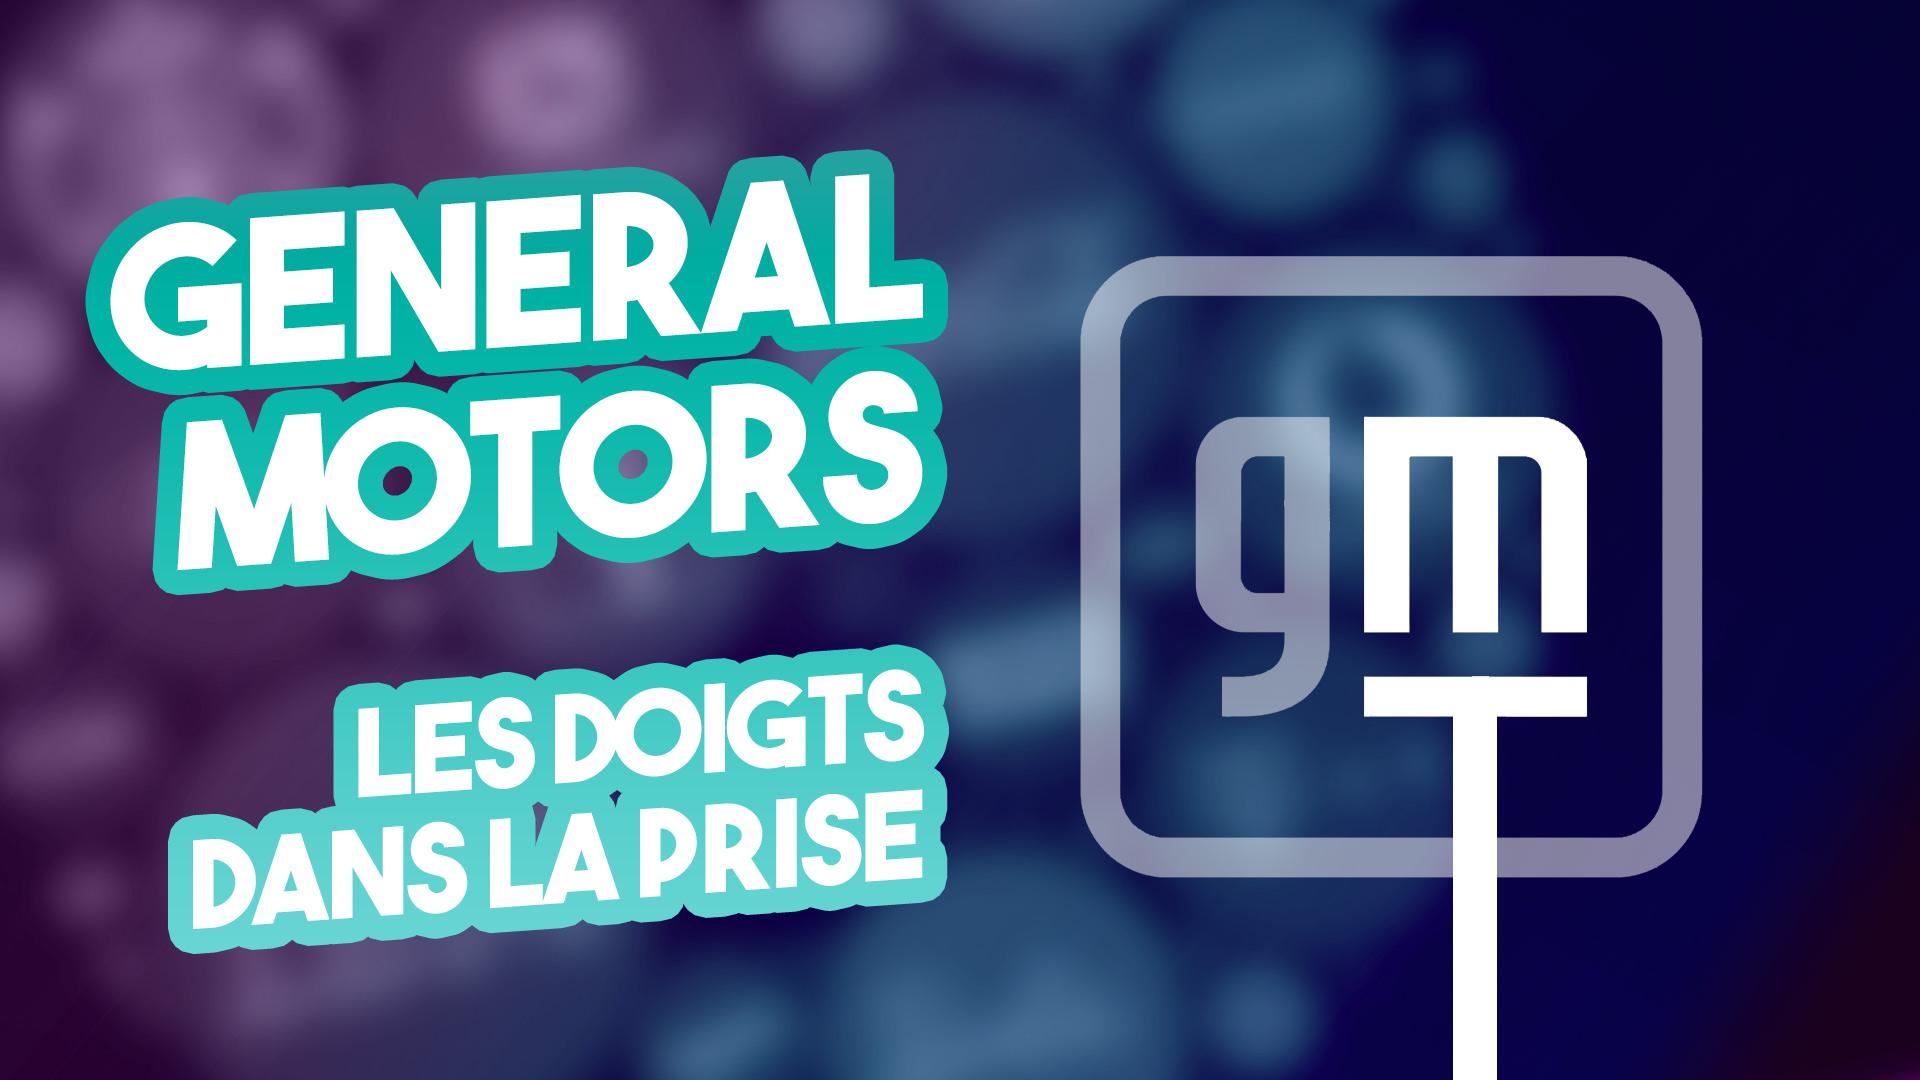 General Motors pivote vers le tout électrique avec un nouveau logo et identité de marque